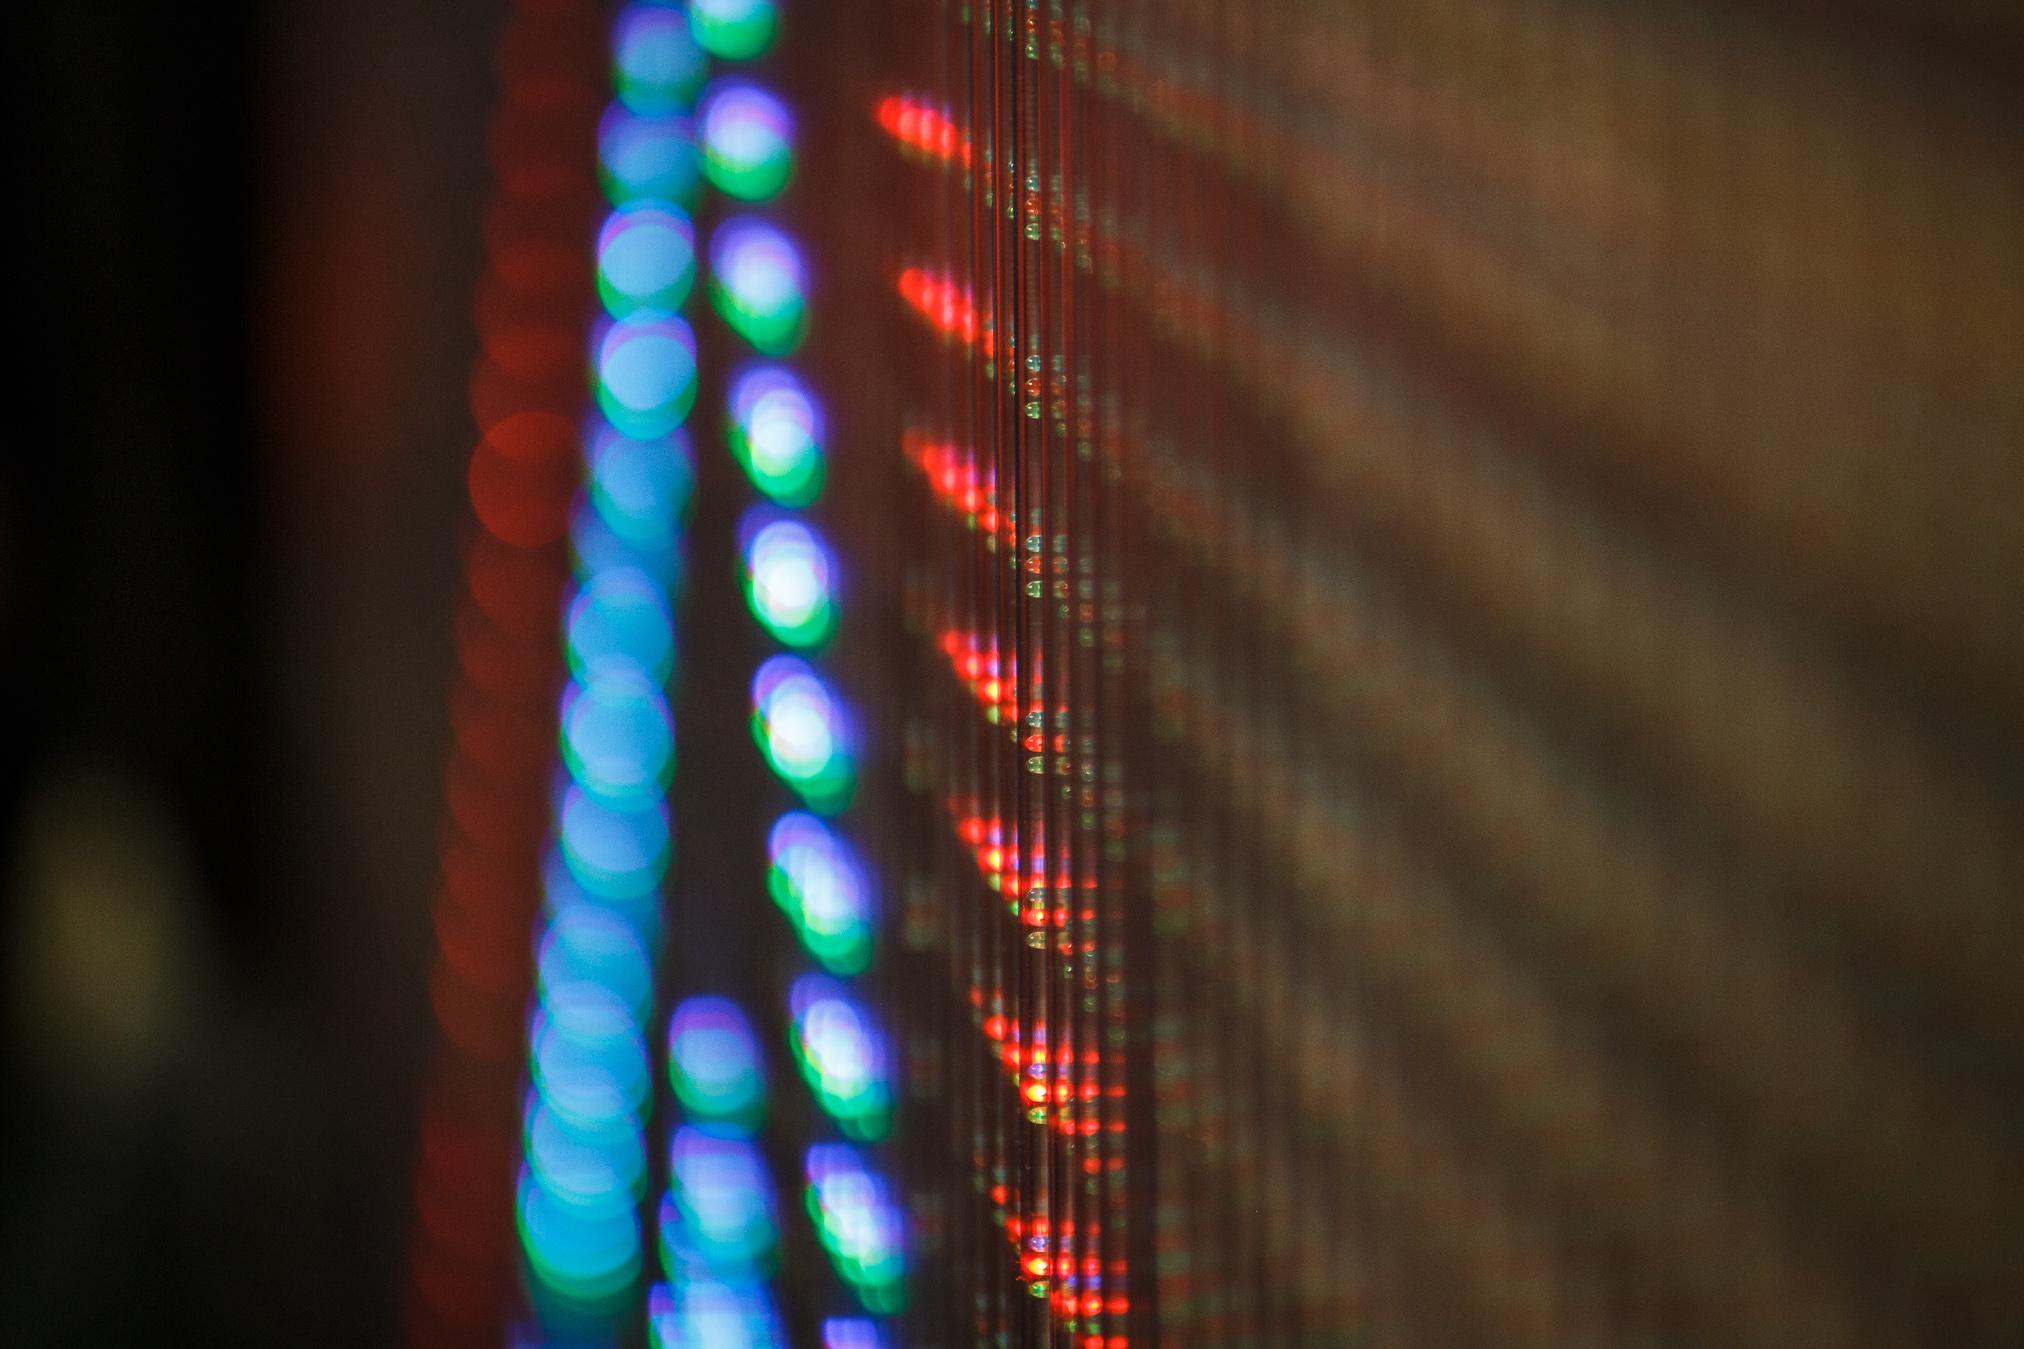 Da ich häufig mit einer kleinen Blende arbeite, war das Fotografieren mit dem Tamron 85 mm 1.8 für mich sehr spannend